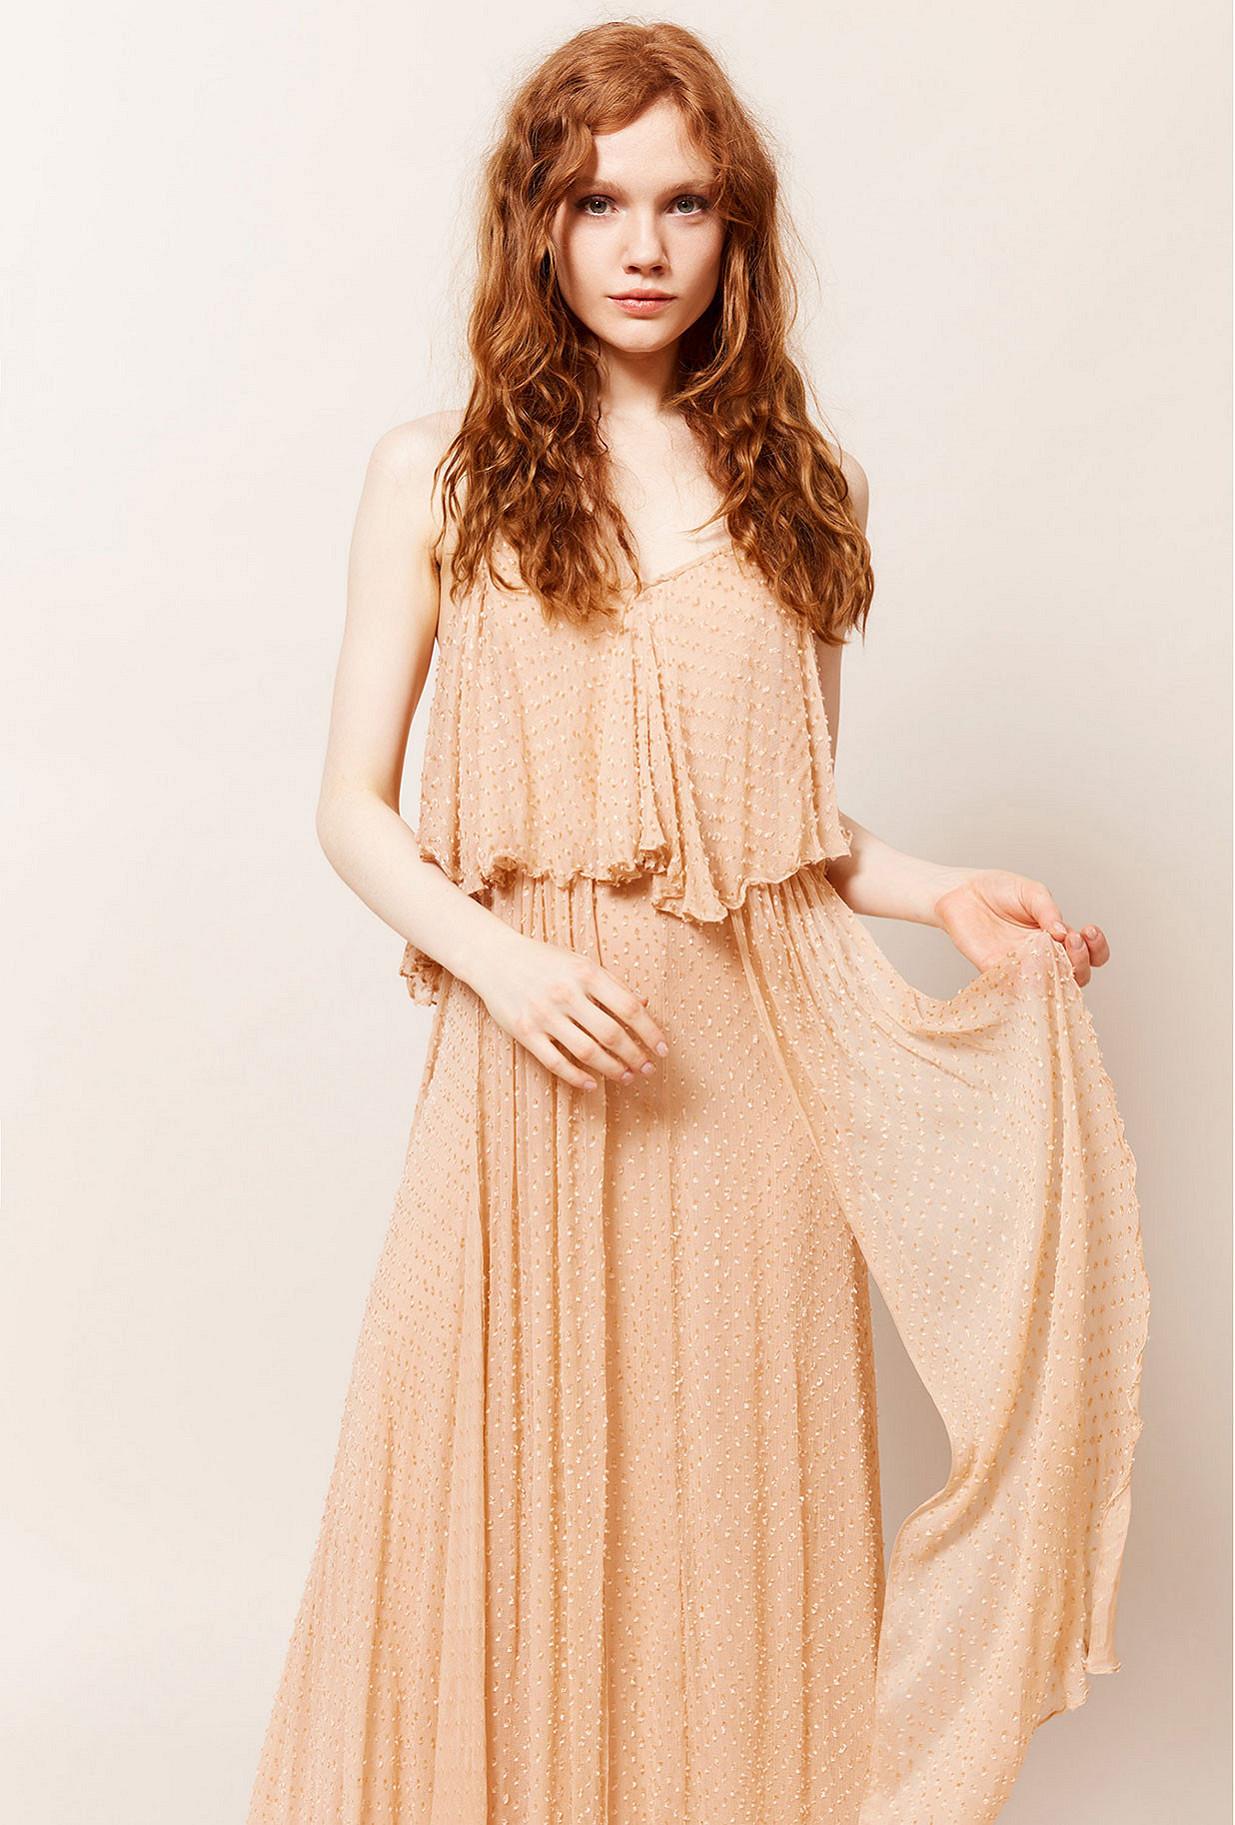 Nude  Dress  Donatella Mes demoiselles fashion clothes designer Paris